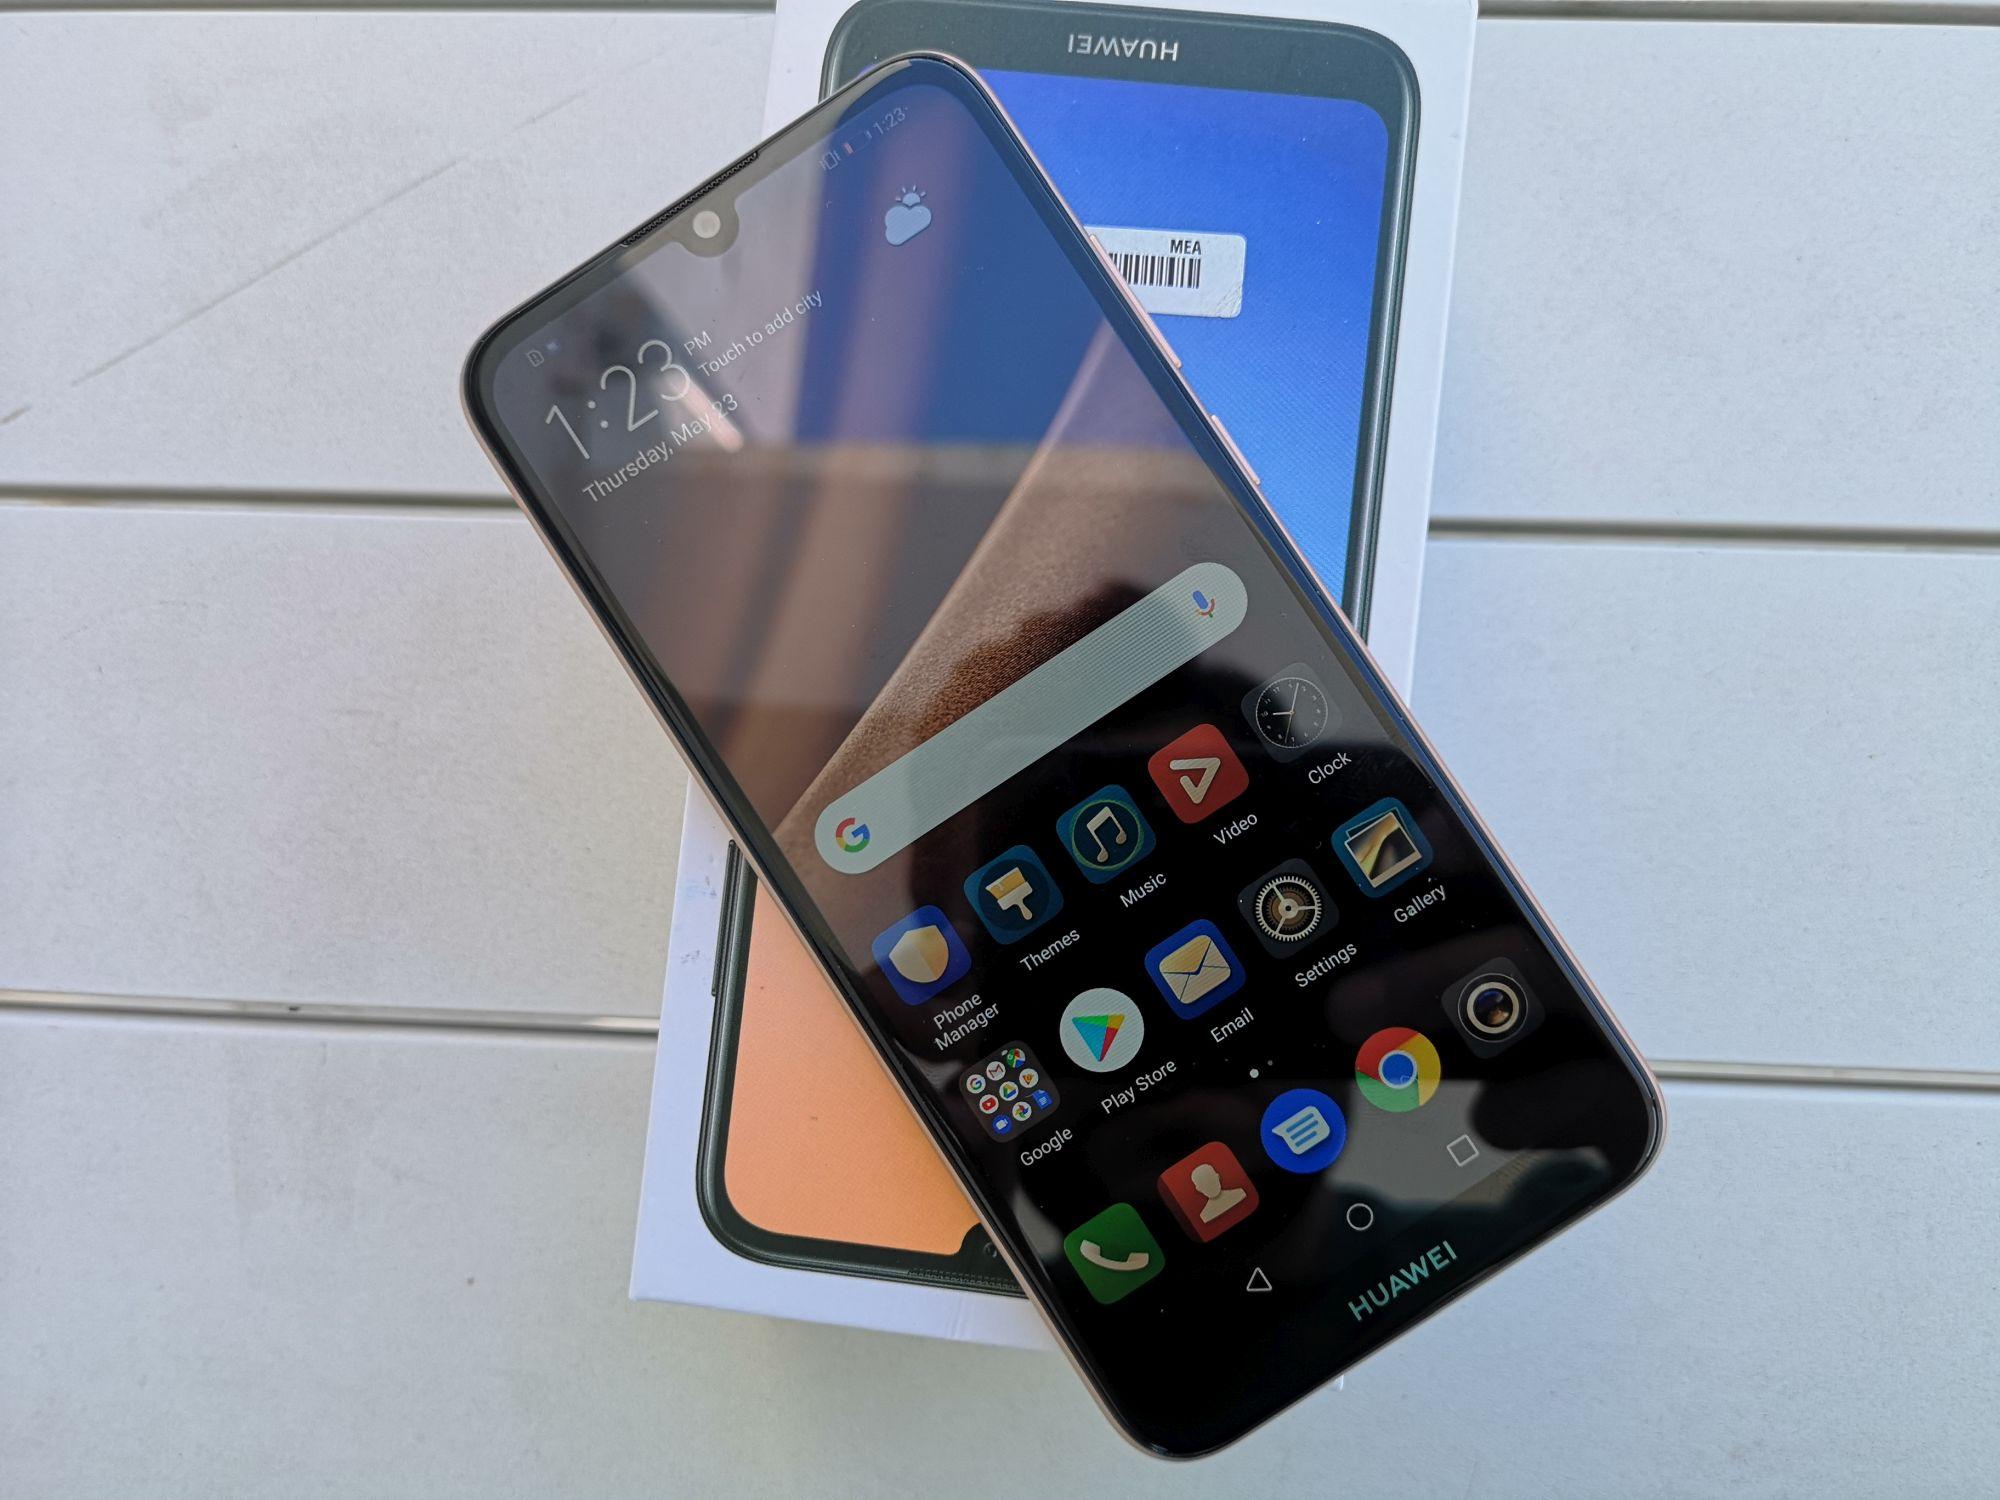 مراجعة لهاتف هواوي Y6 Prime 2019 هاتف إقتصادي في قالب جميل